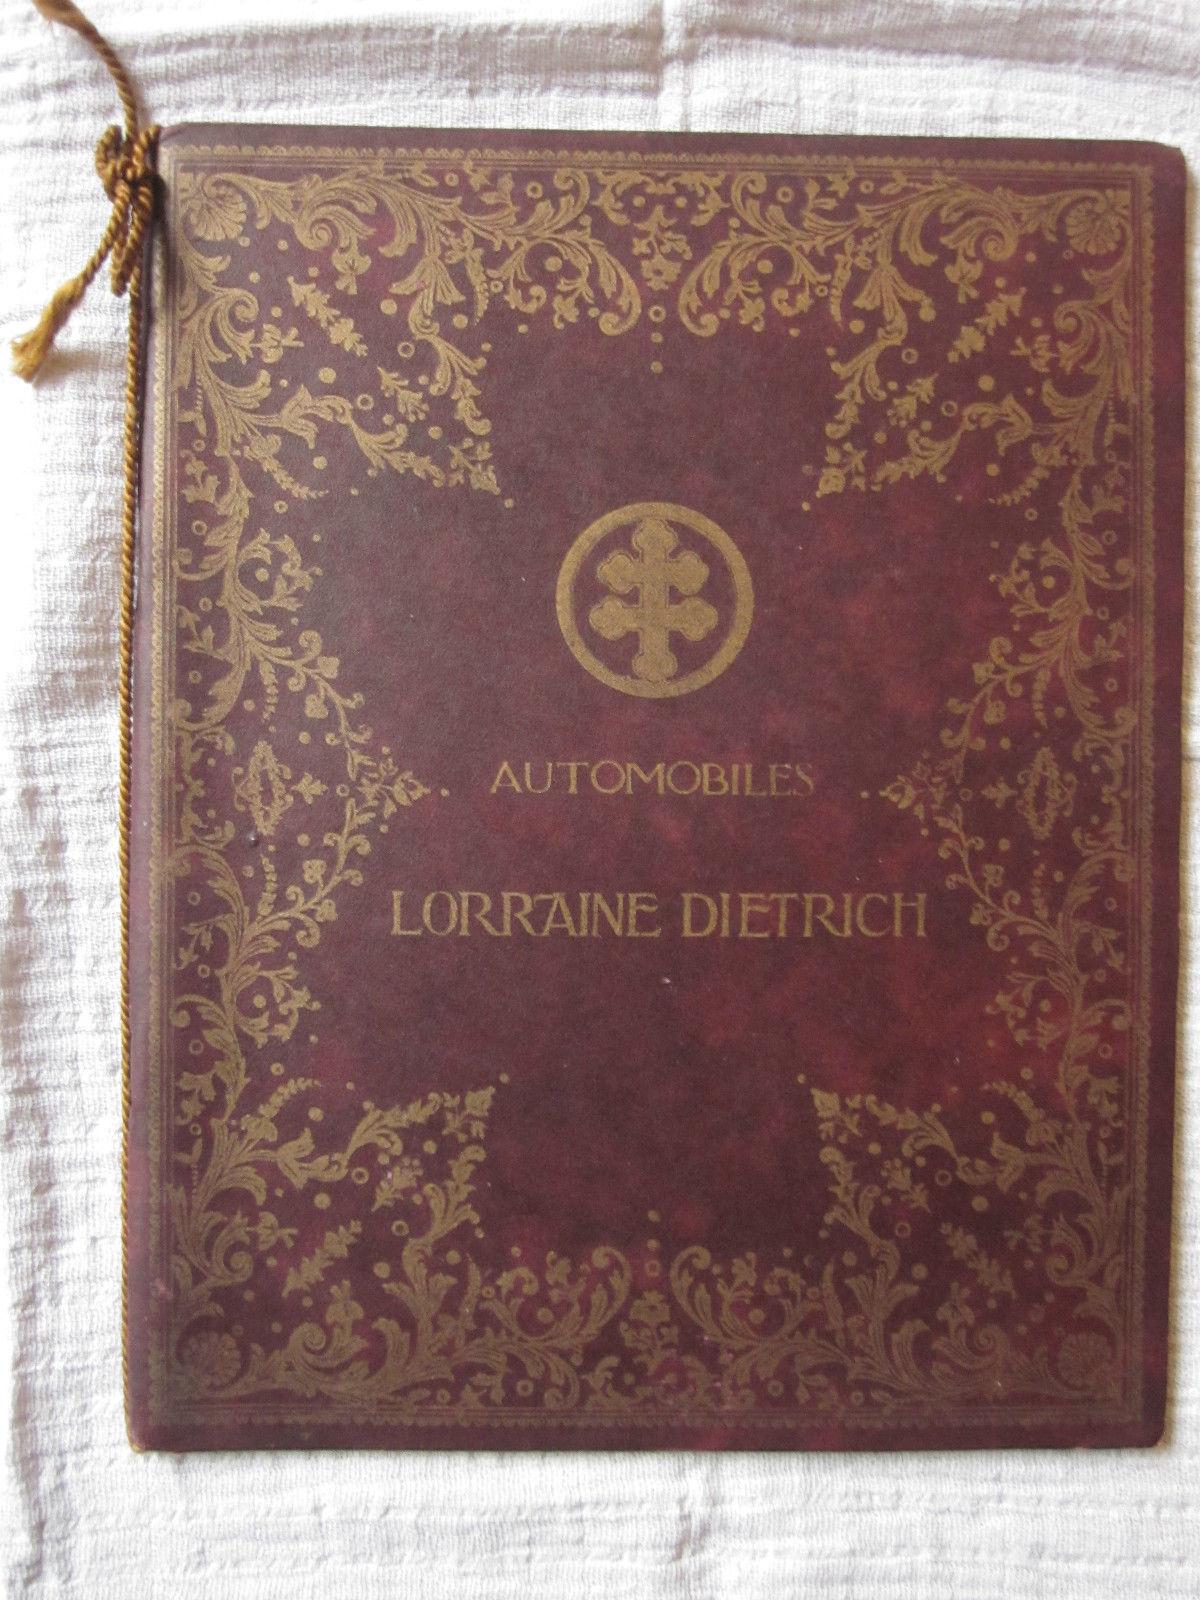 catalogue lorraine dietrich de 1909